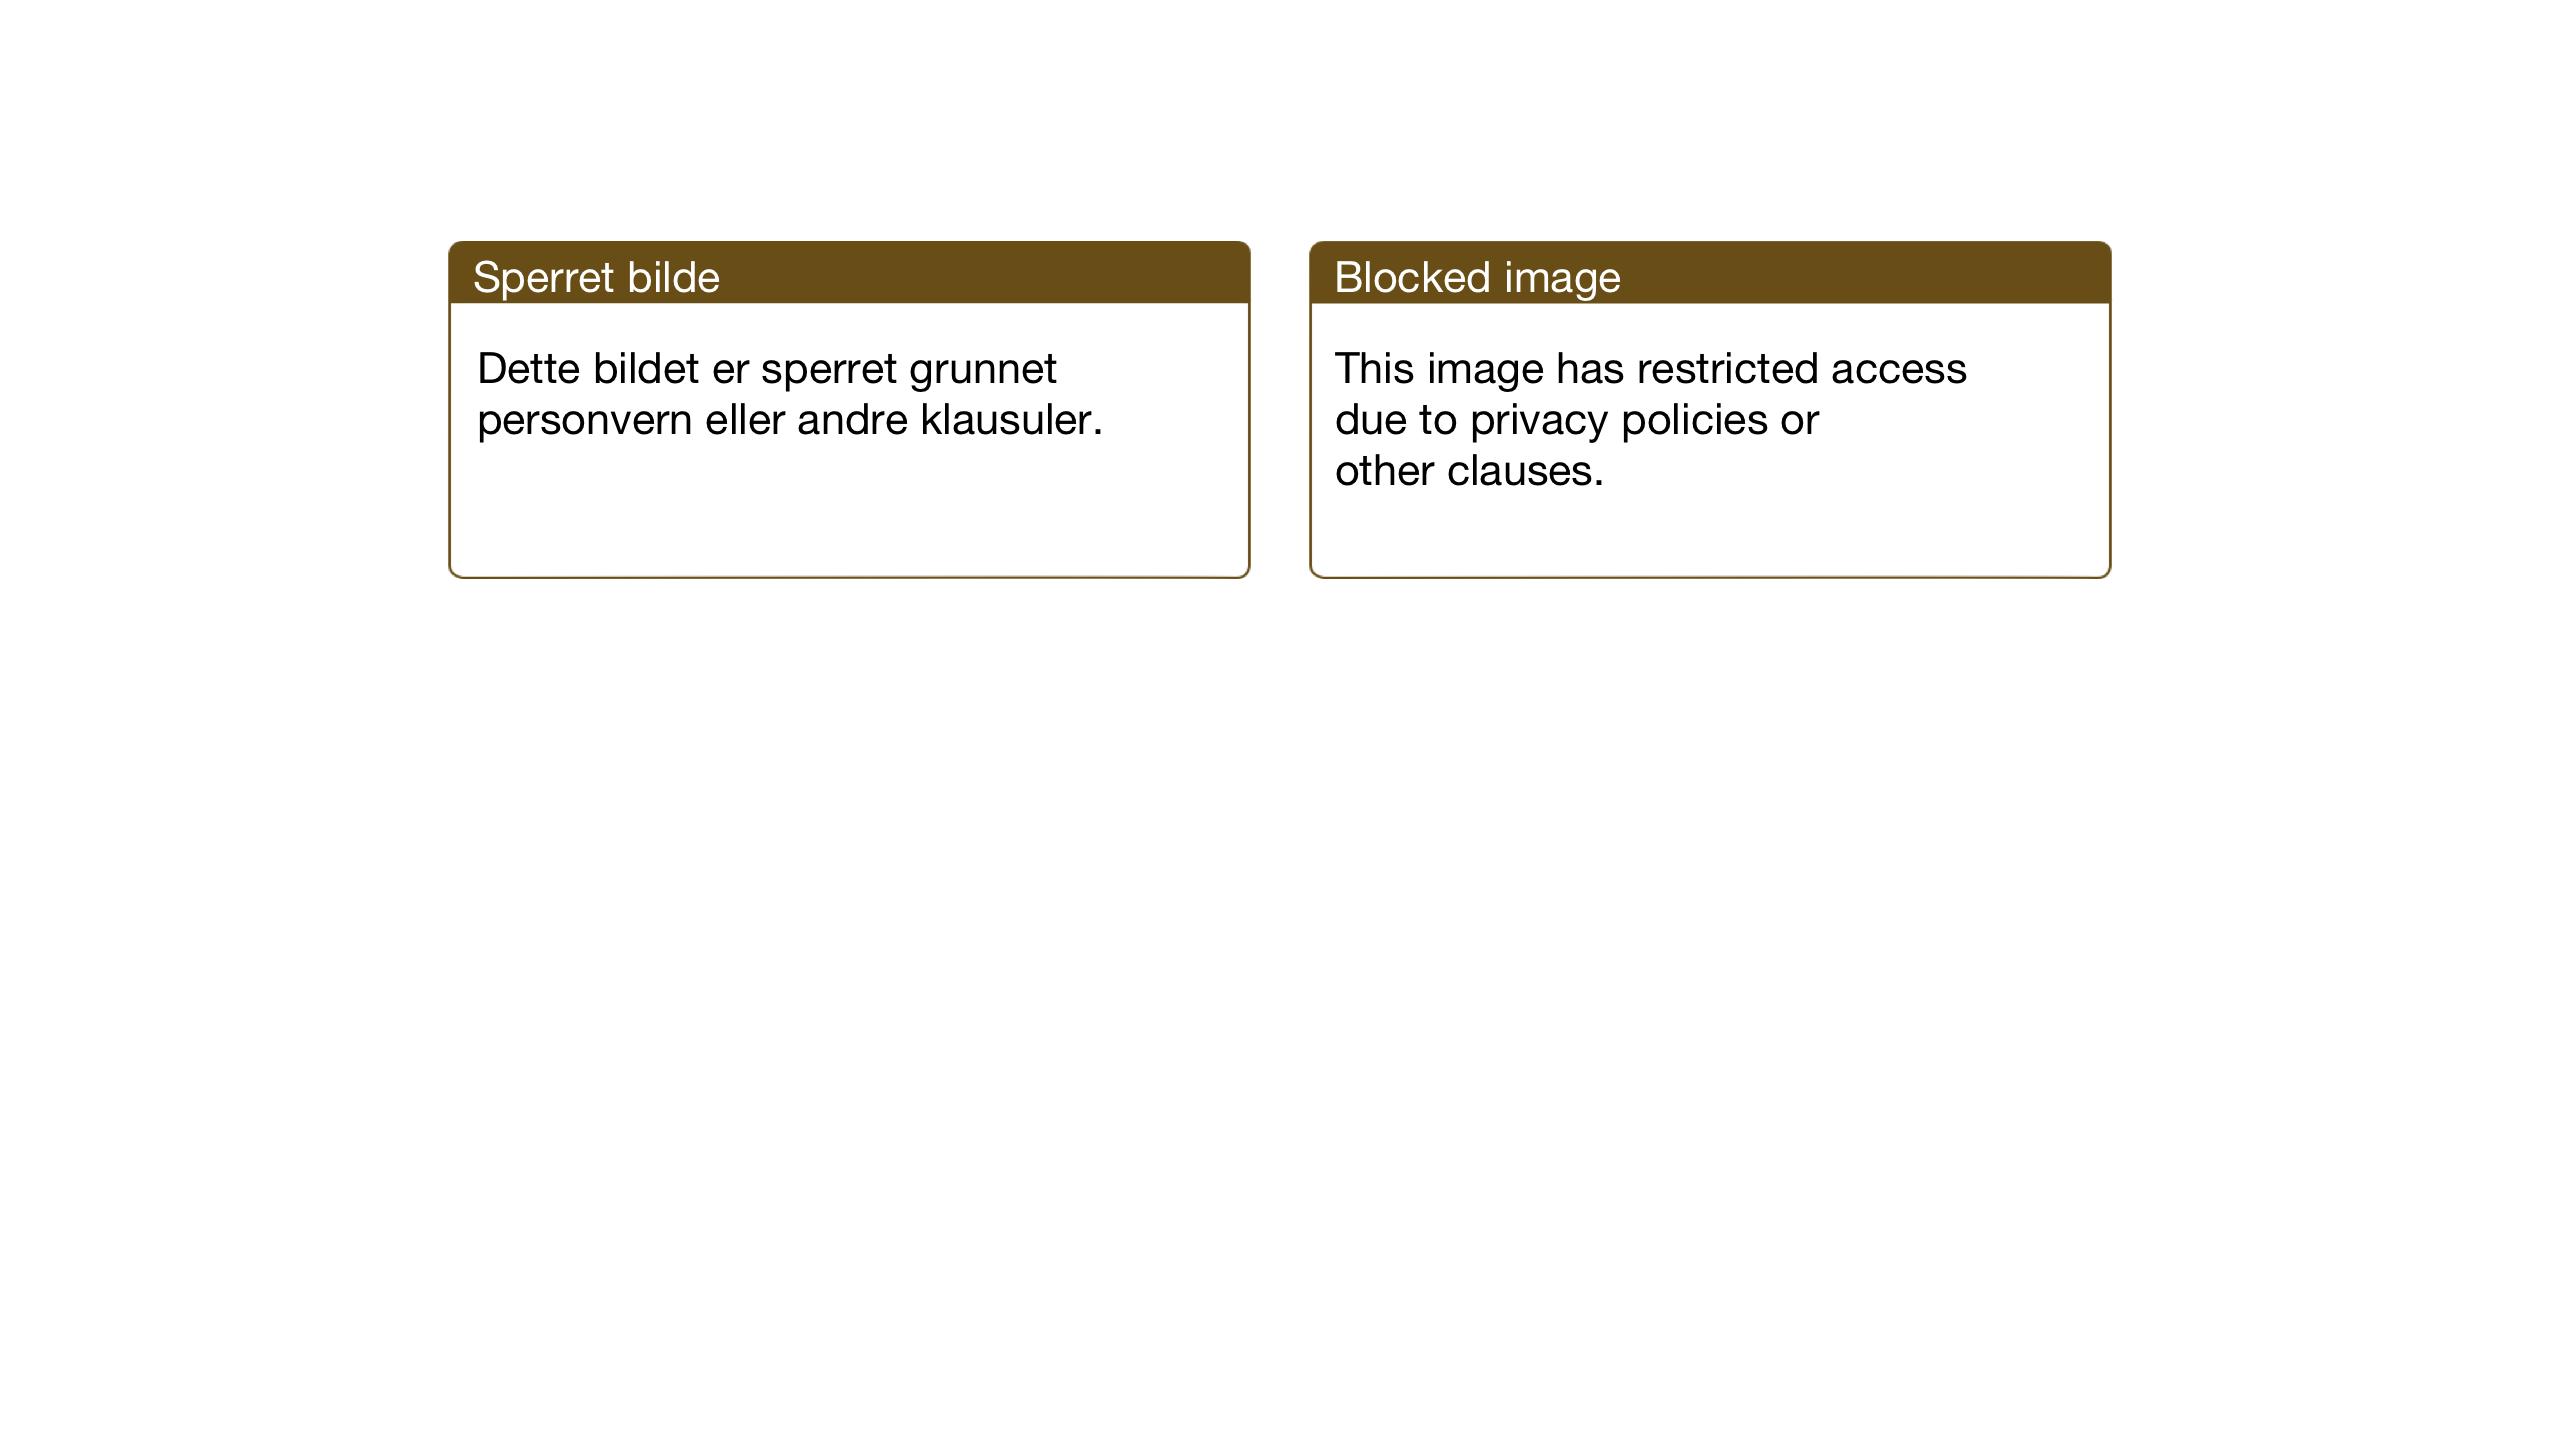 SAT, Ministerialprotokoller, klokkerbøker og fødselsregistre - Sør-Trøndelag, 618/L0454: Klokkerbok nr. 618C05, 1926-1946, s. 82